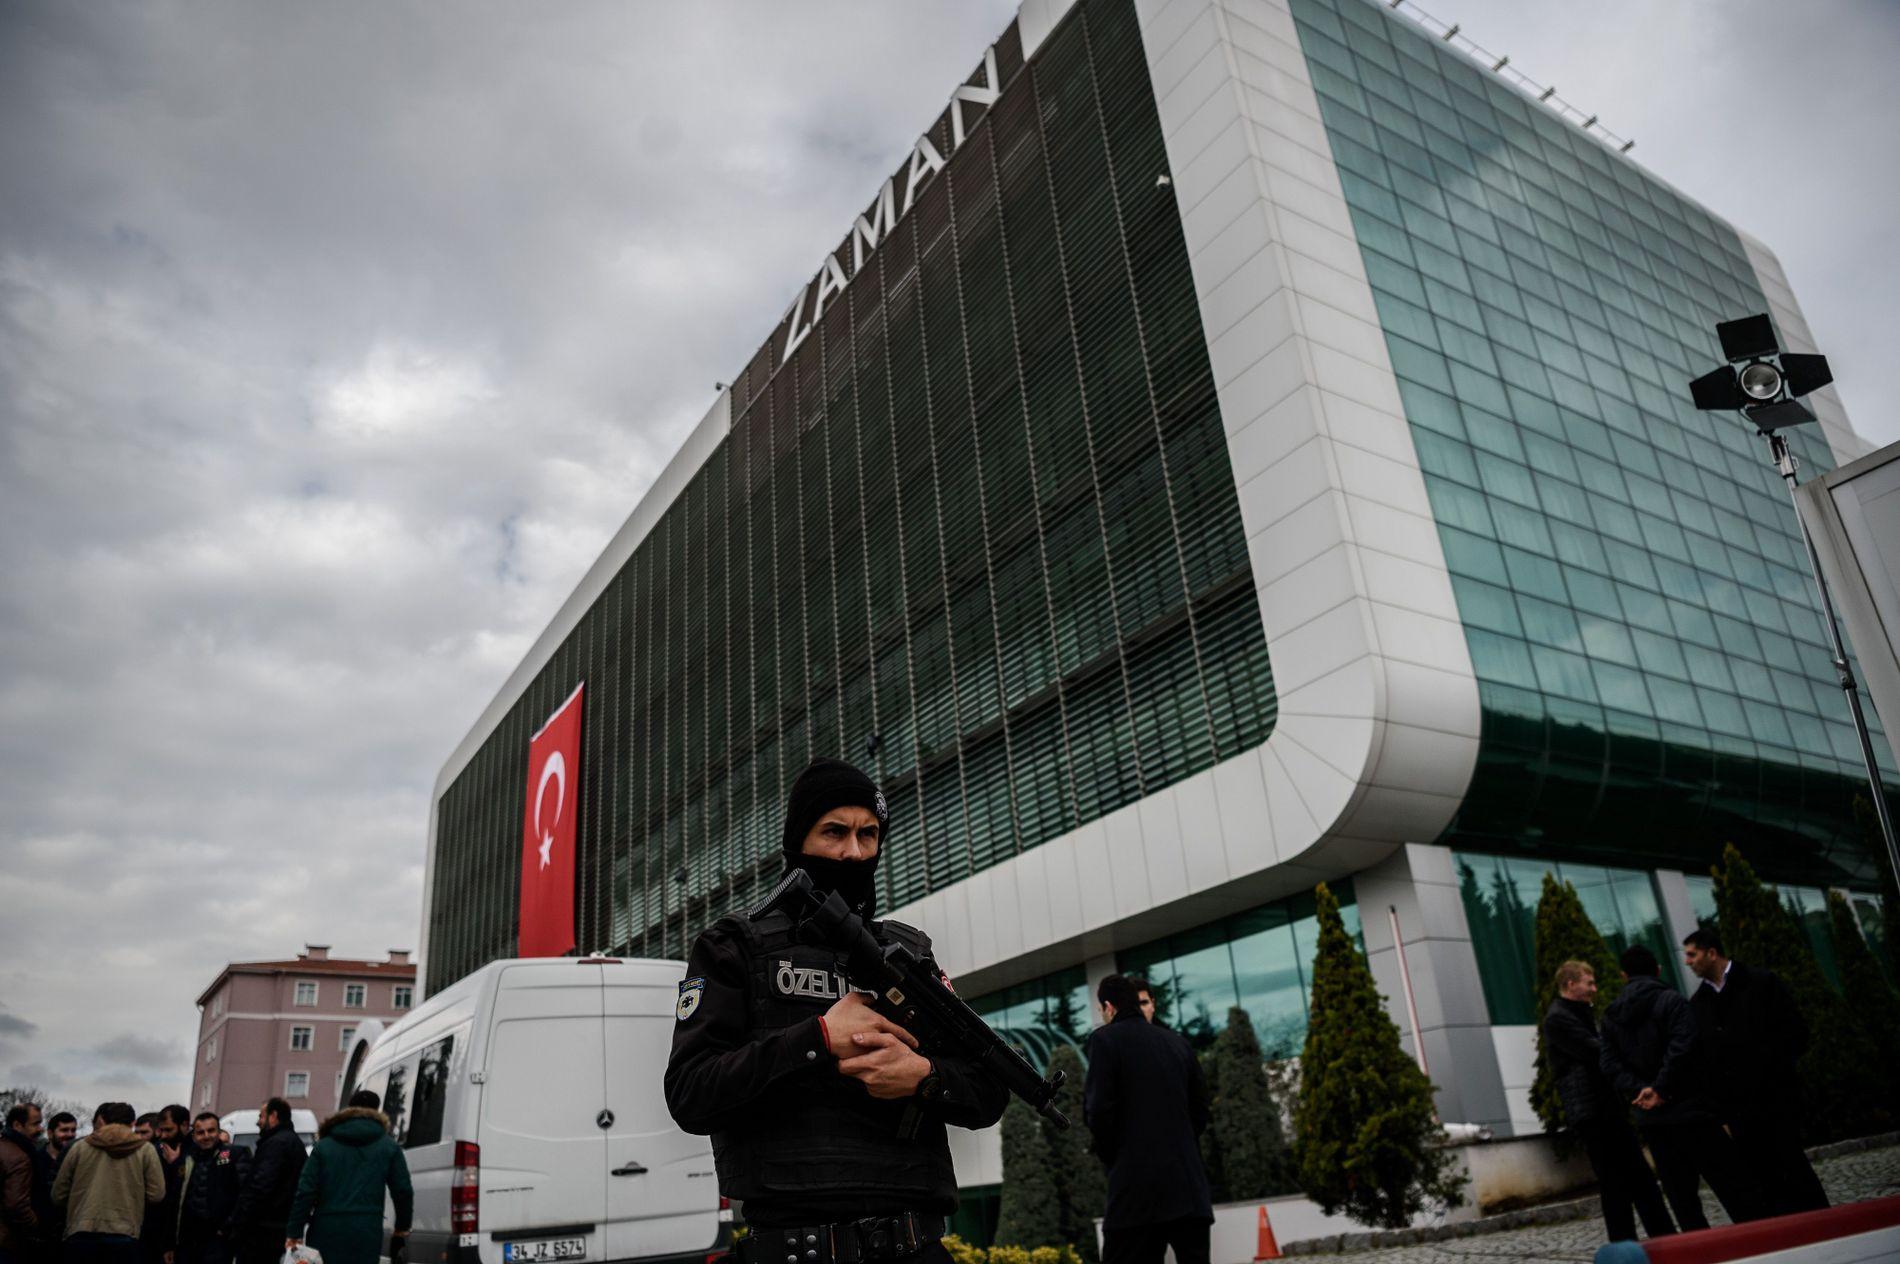 STENGTE AVISEN: I mars 2016 inntok politiet lokalene til mediehuset Zaman i Istanbul. Først ble avisen lagt under statlig administrasjon, senere ble den nedlagt.